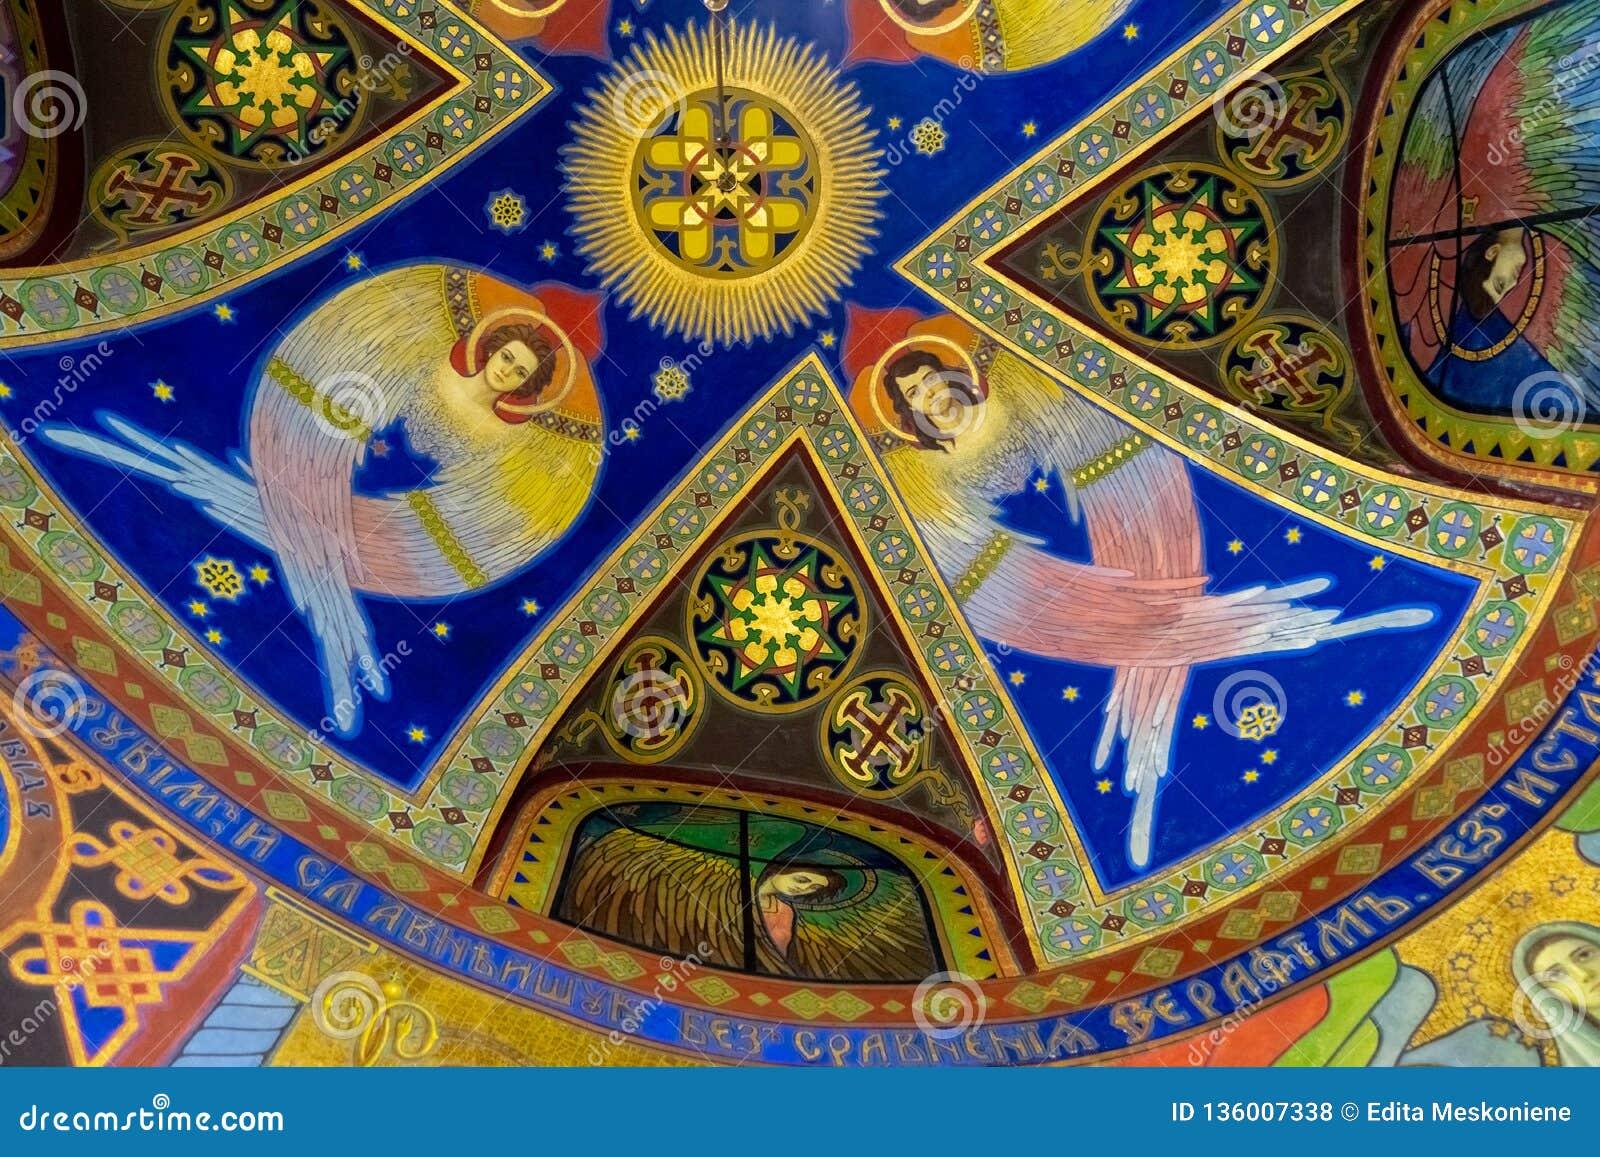 Fresco com anjos no teto de uma capela na igreja Católica grega ucraniana do coração sagrado em Zhovkva, Ucrânia